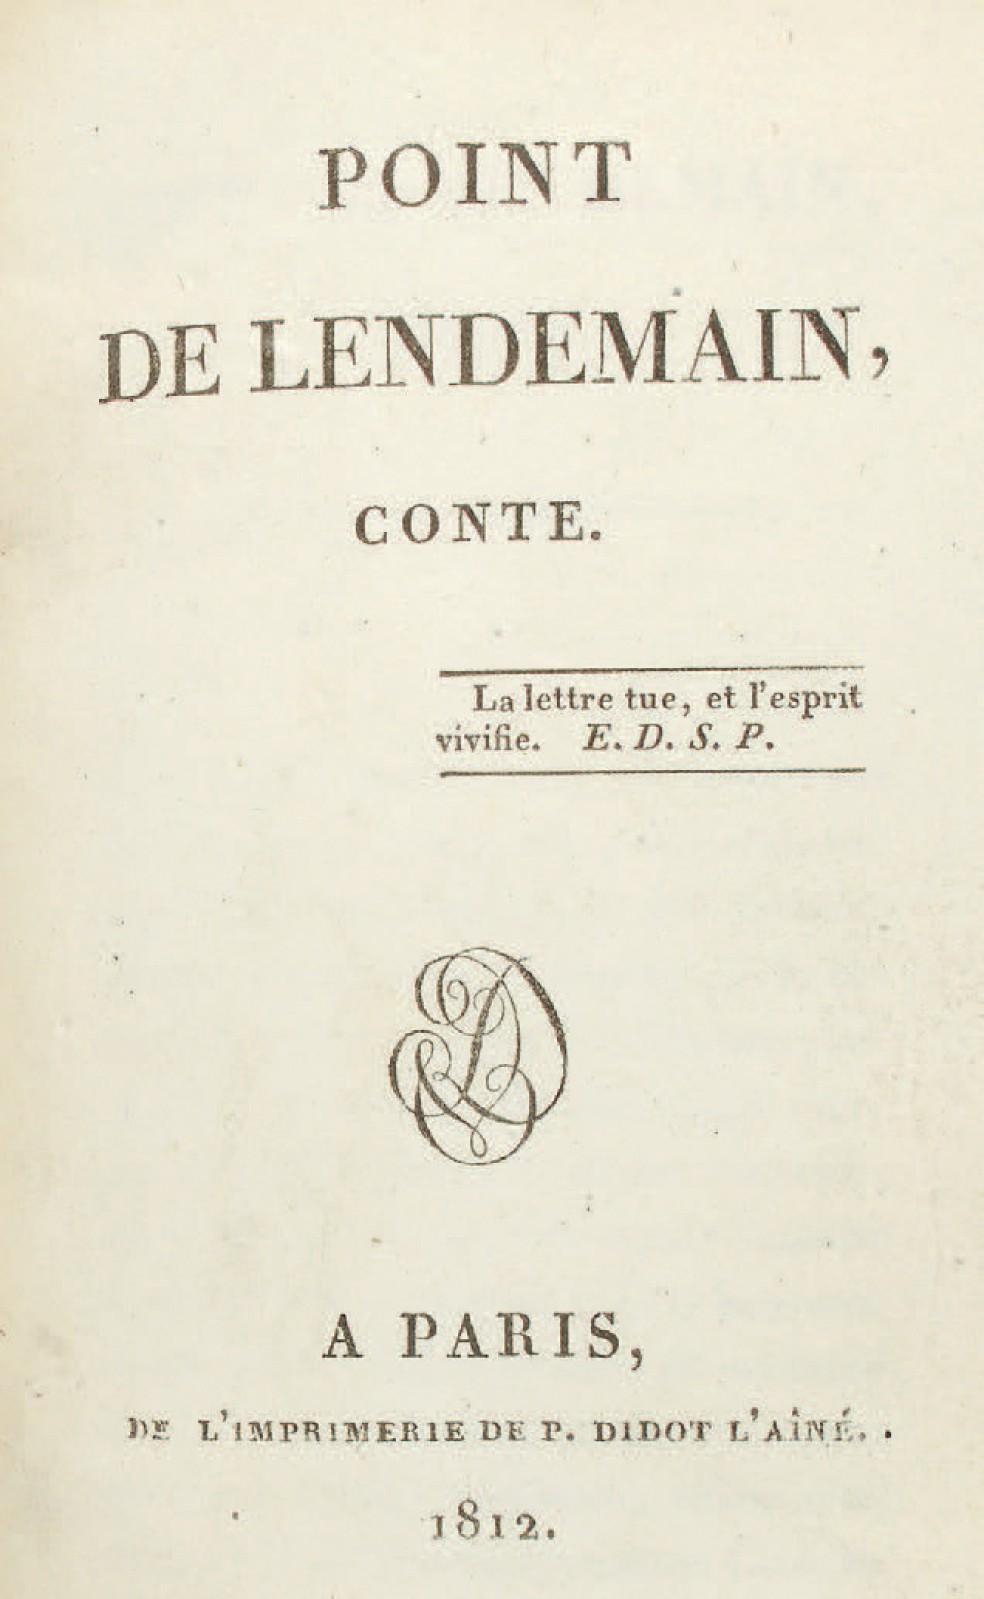 -denon-dominique-vivant-baron-point-de-lendemain-conte-paris-imprimerie-de-p-didot-laine-1812--192